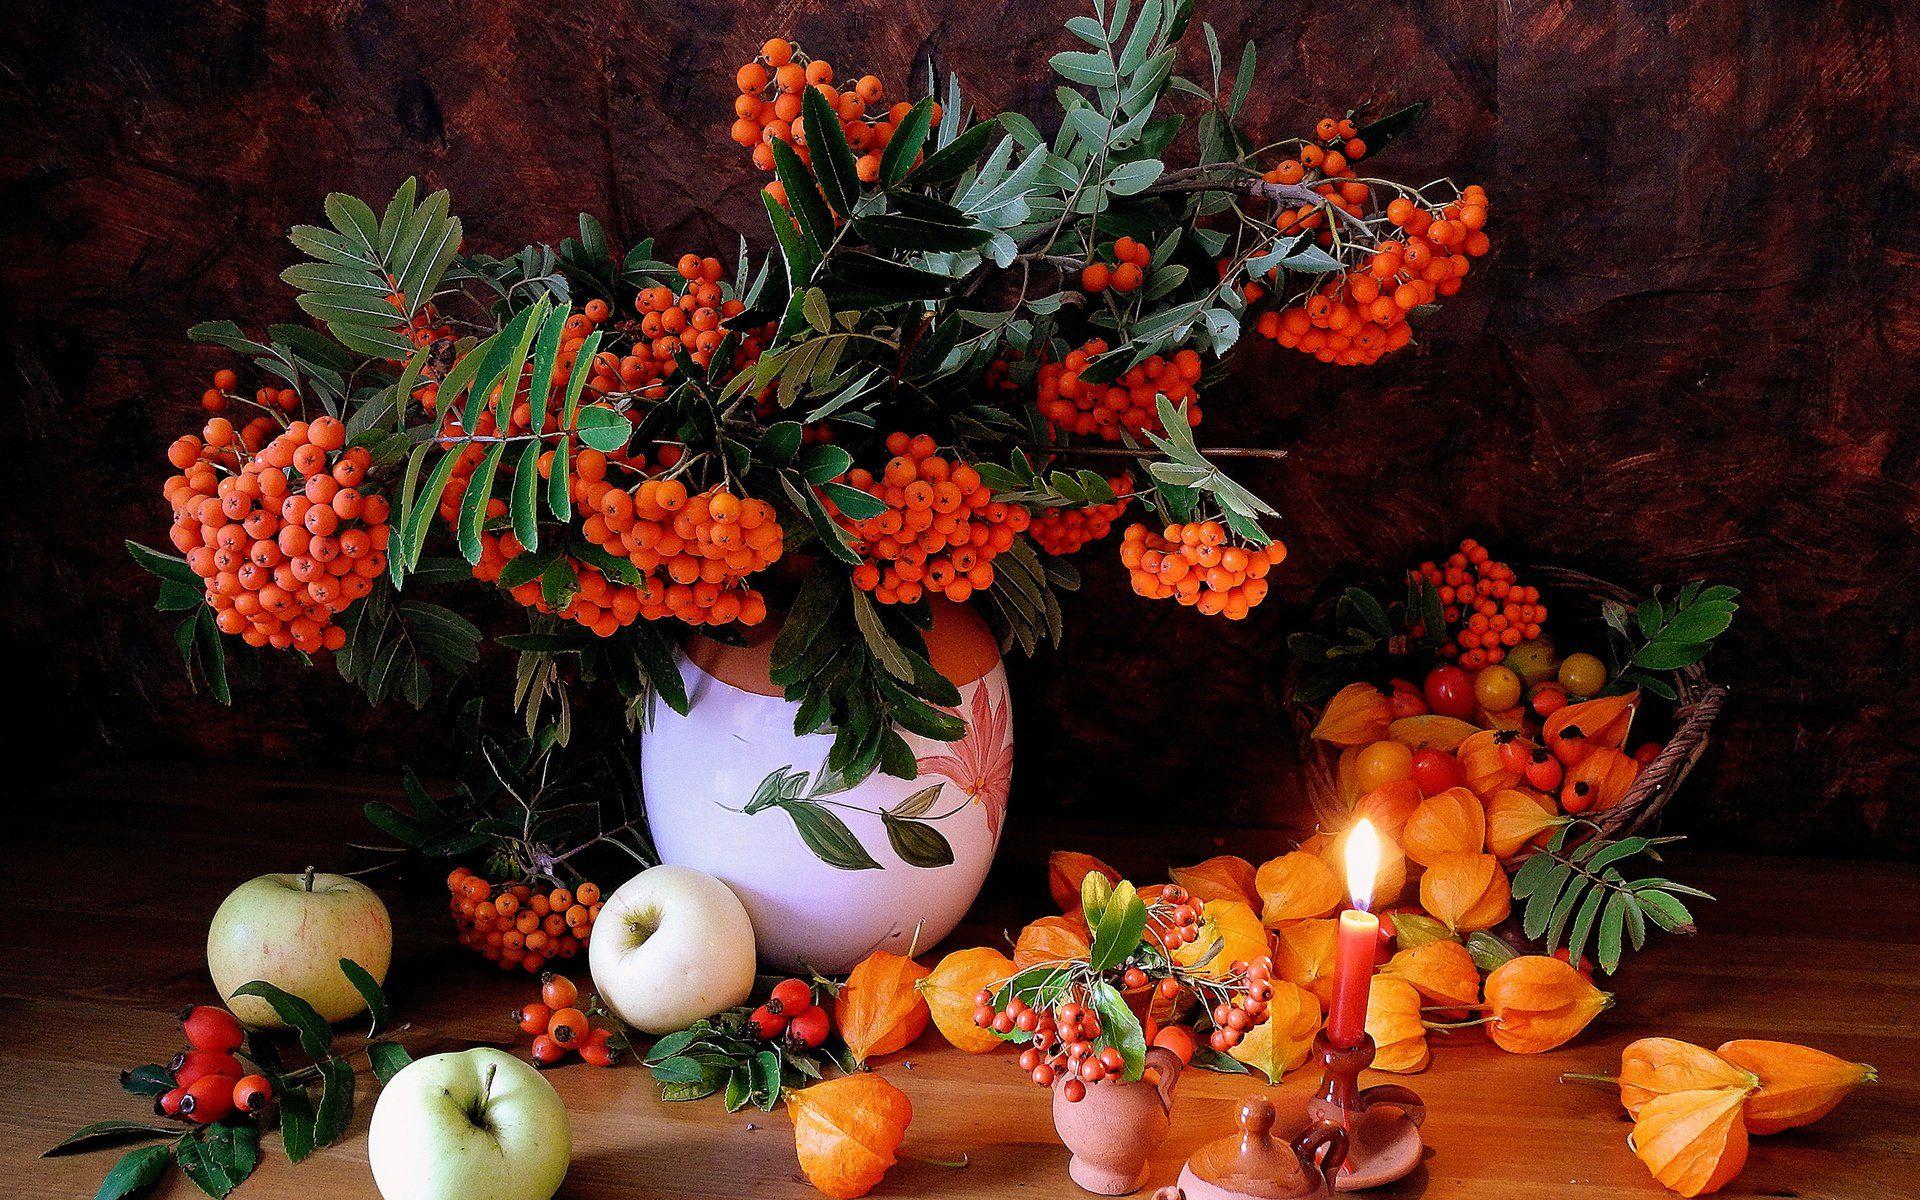 цветок, посадка осенний букет и свечи картинки владельцы переоборудуют